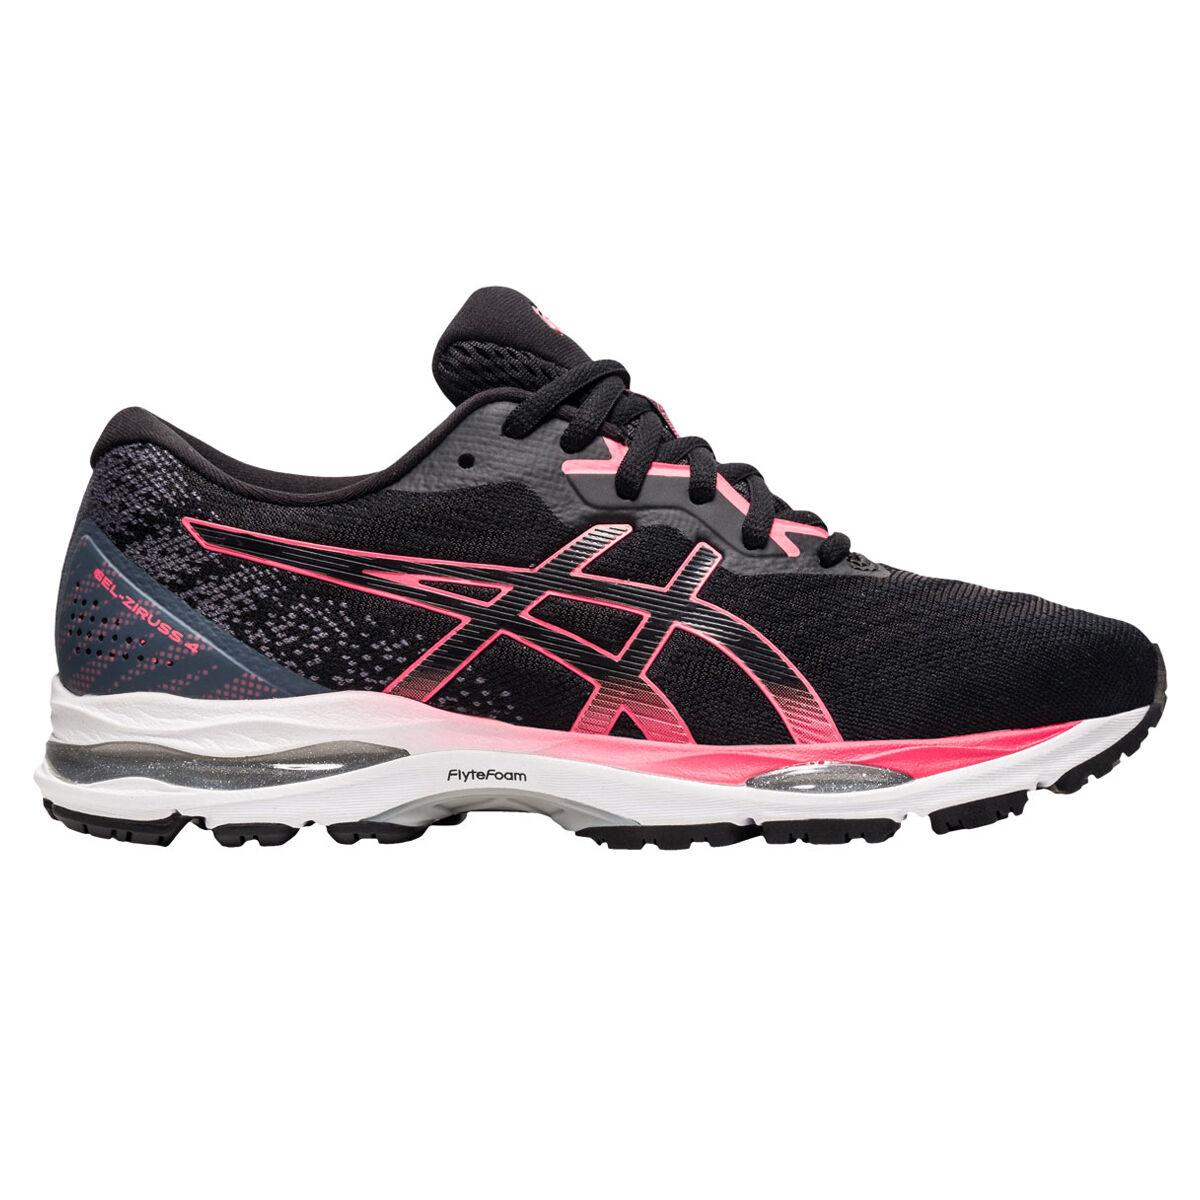 Asics GEL Ziruss 4 Womens Running Shoes | Parfaire Sport